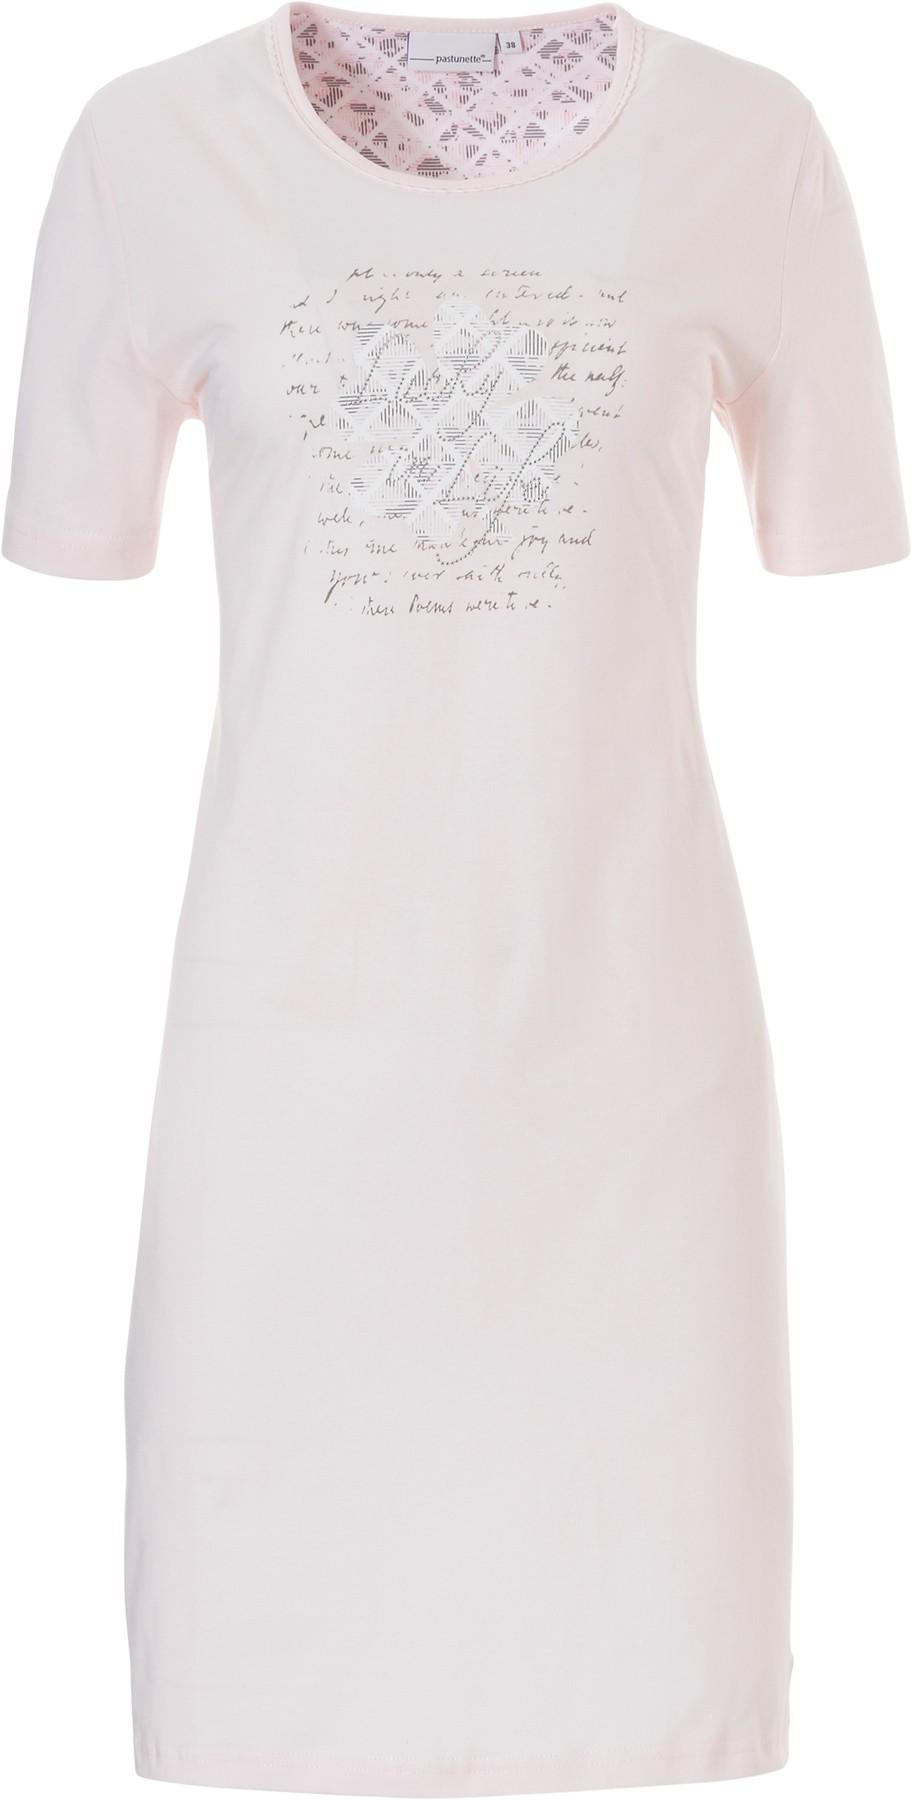 Van Van Gemert Ondermode Dames nachthemd Pastunette 10191-100-2-38 Prijsvergelijk nu!